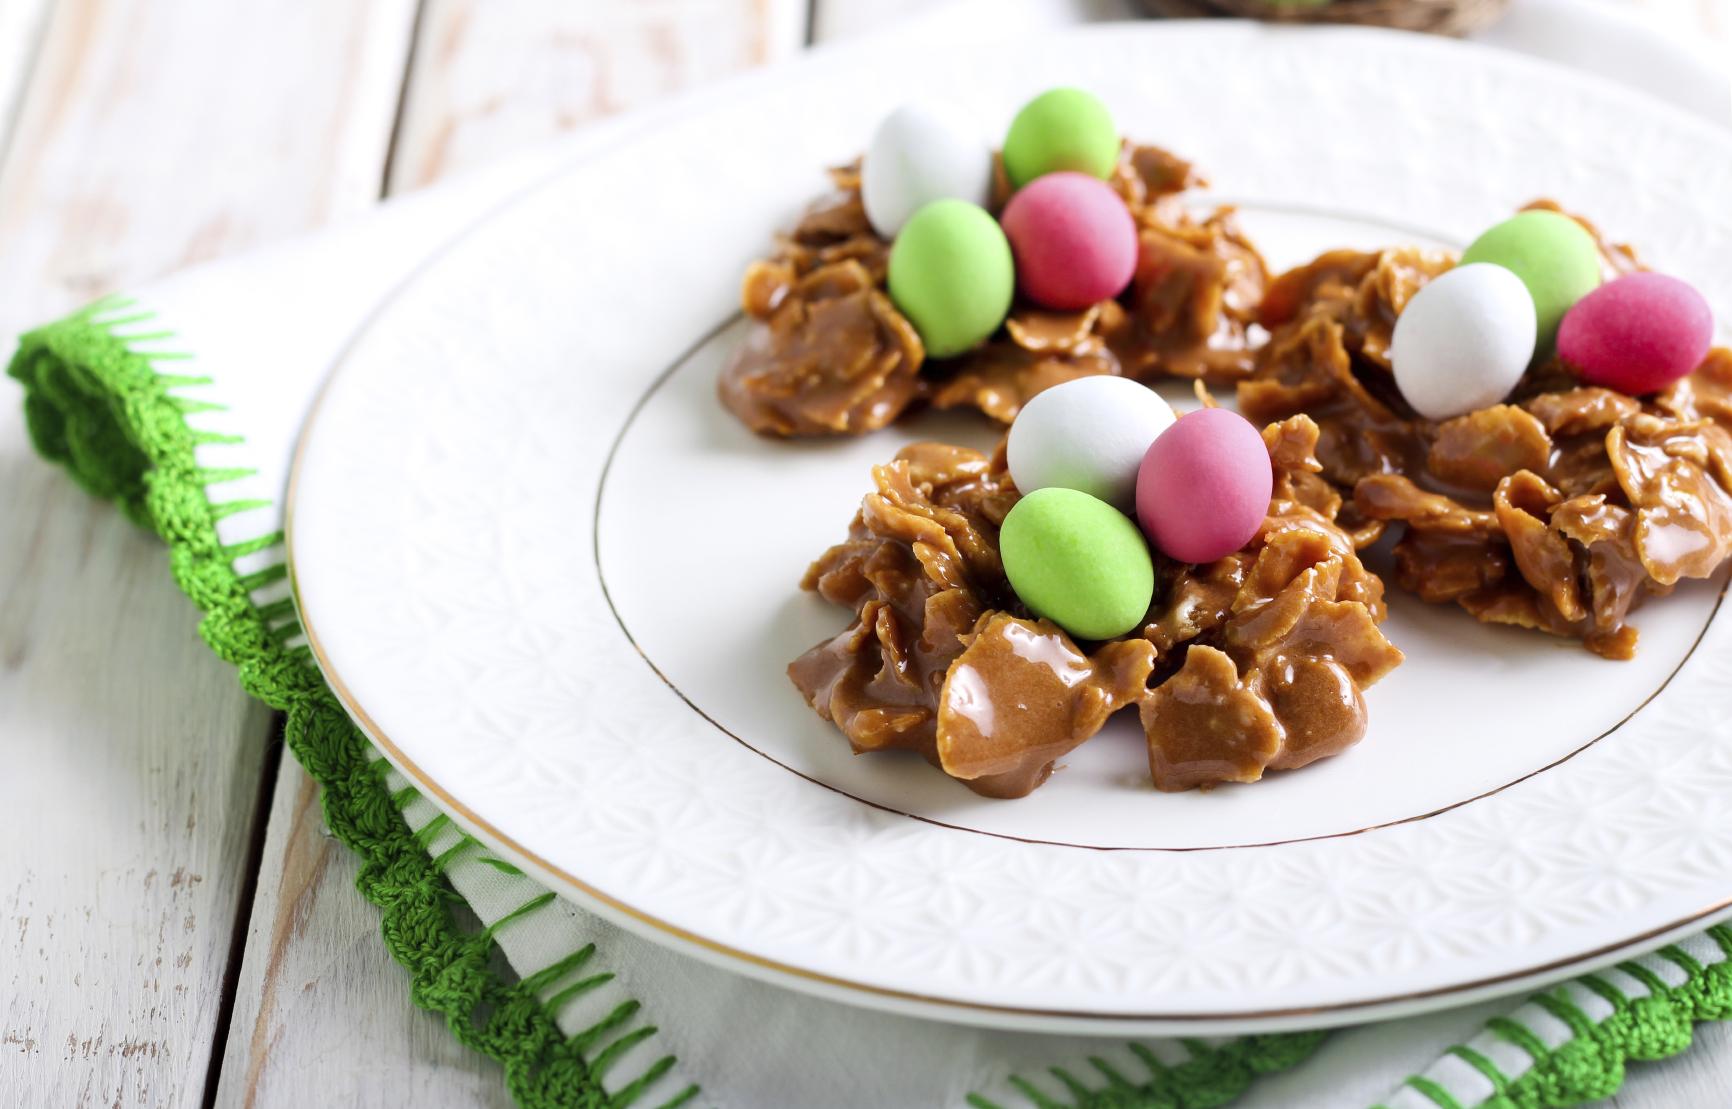 Easter cornflake nests: Bejtiet tal-cornflakes għall-Għid